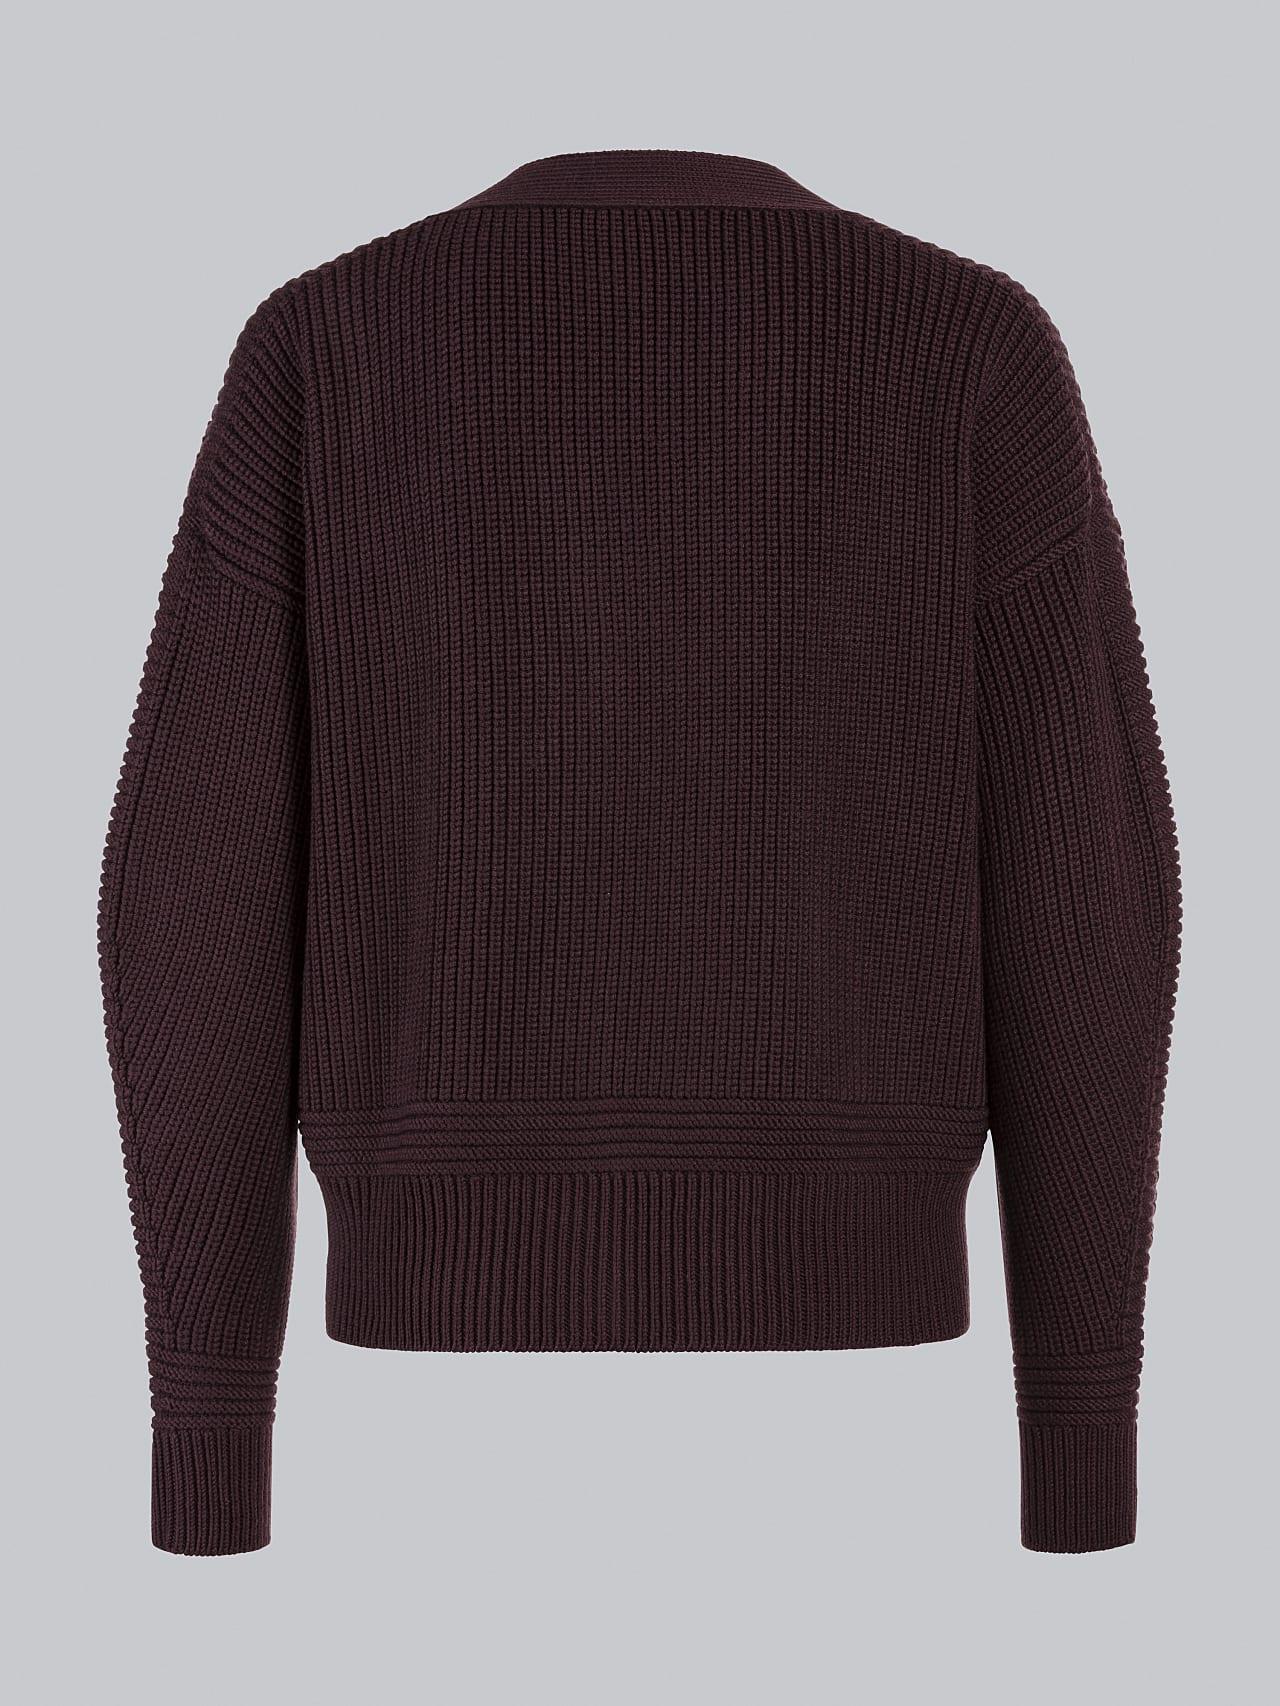 FREDA V1.Y5.02 Chunky Merino Wool Cardigan Burgundy Left Alpha Tauri